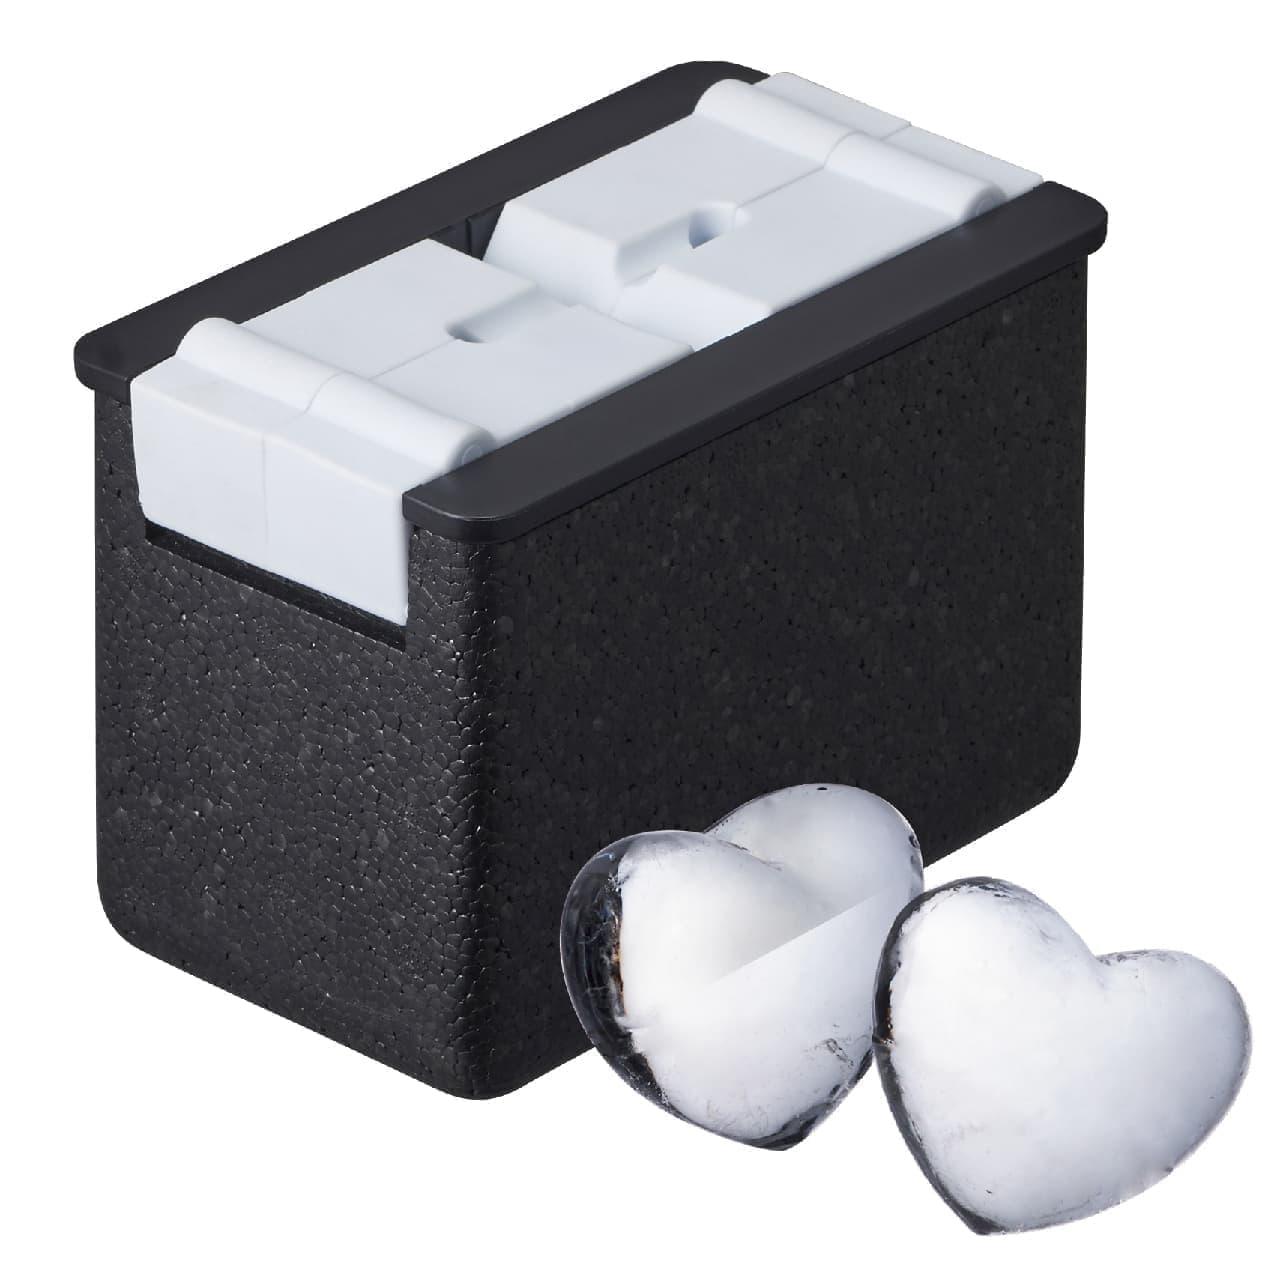 ドウシシャ、自宅で透明な氷を作ることができる容器「透明氷」